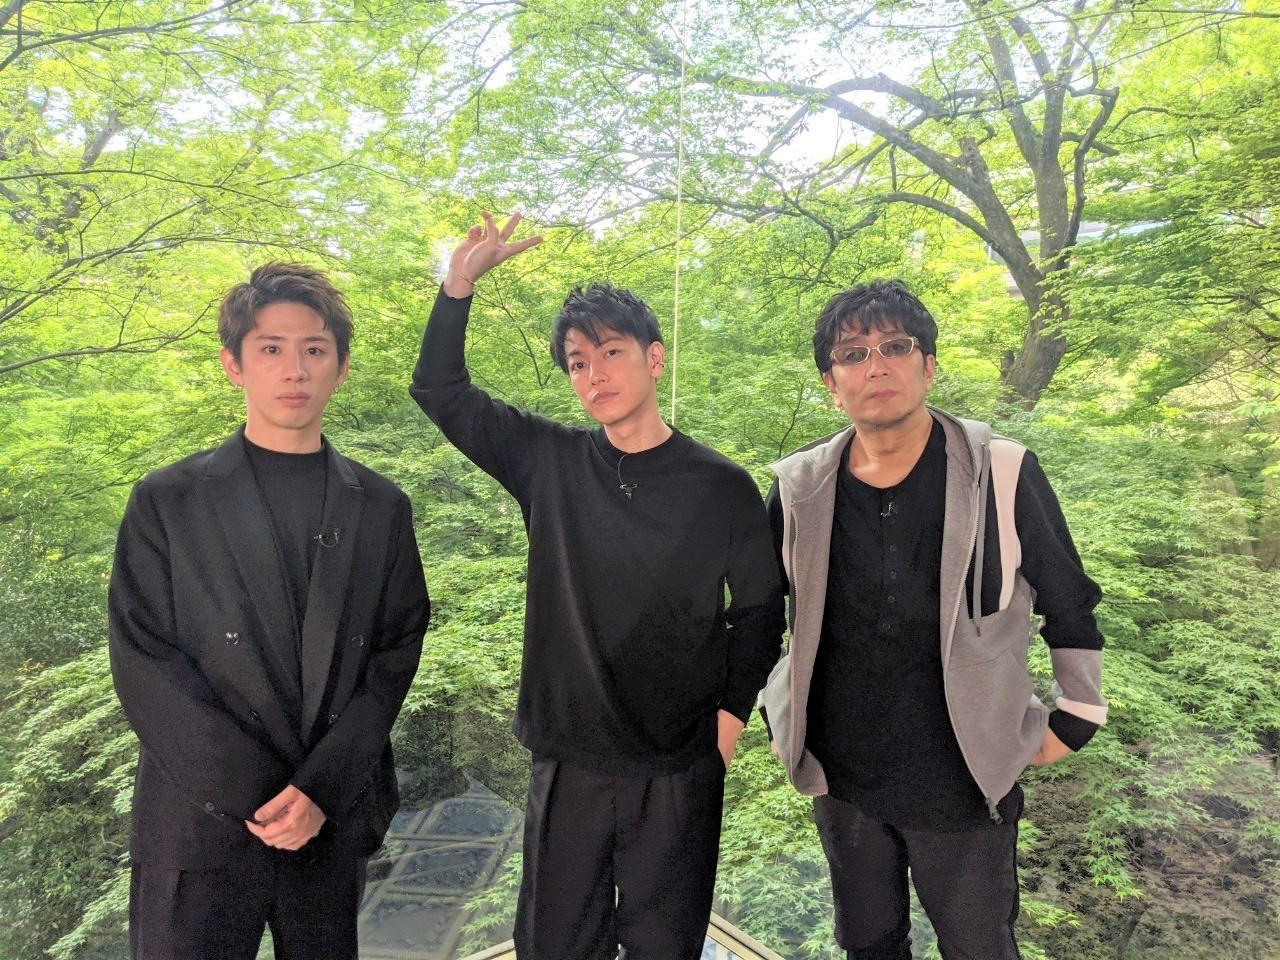 左から、Taka(ONE OK ROCK)、佐藤健、大友啓史監督 『ボクらの時代』オフショットより